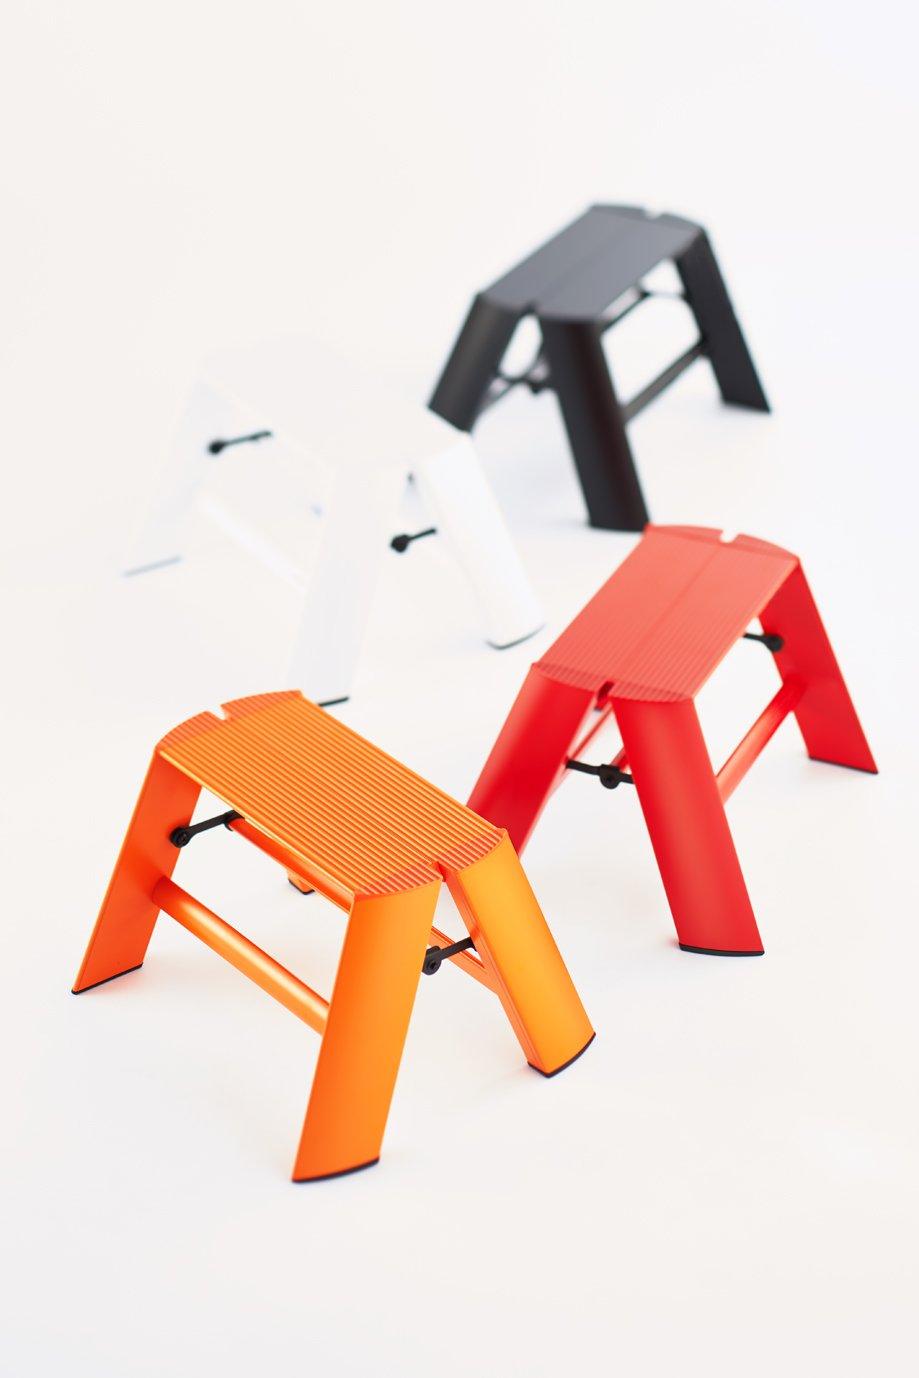 Hasegawa Ladders ML1.0-1OR Lucano Step Ladder Orange